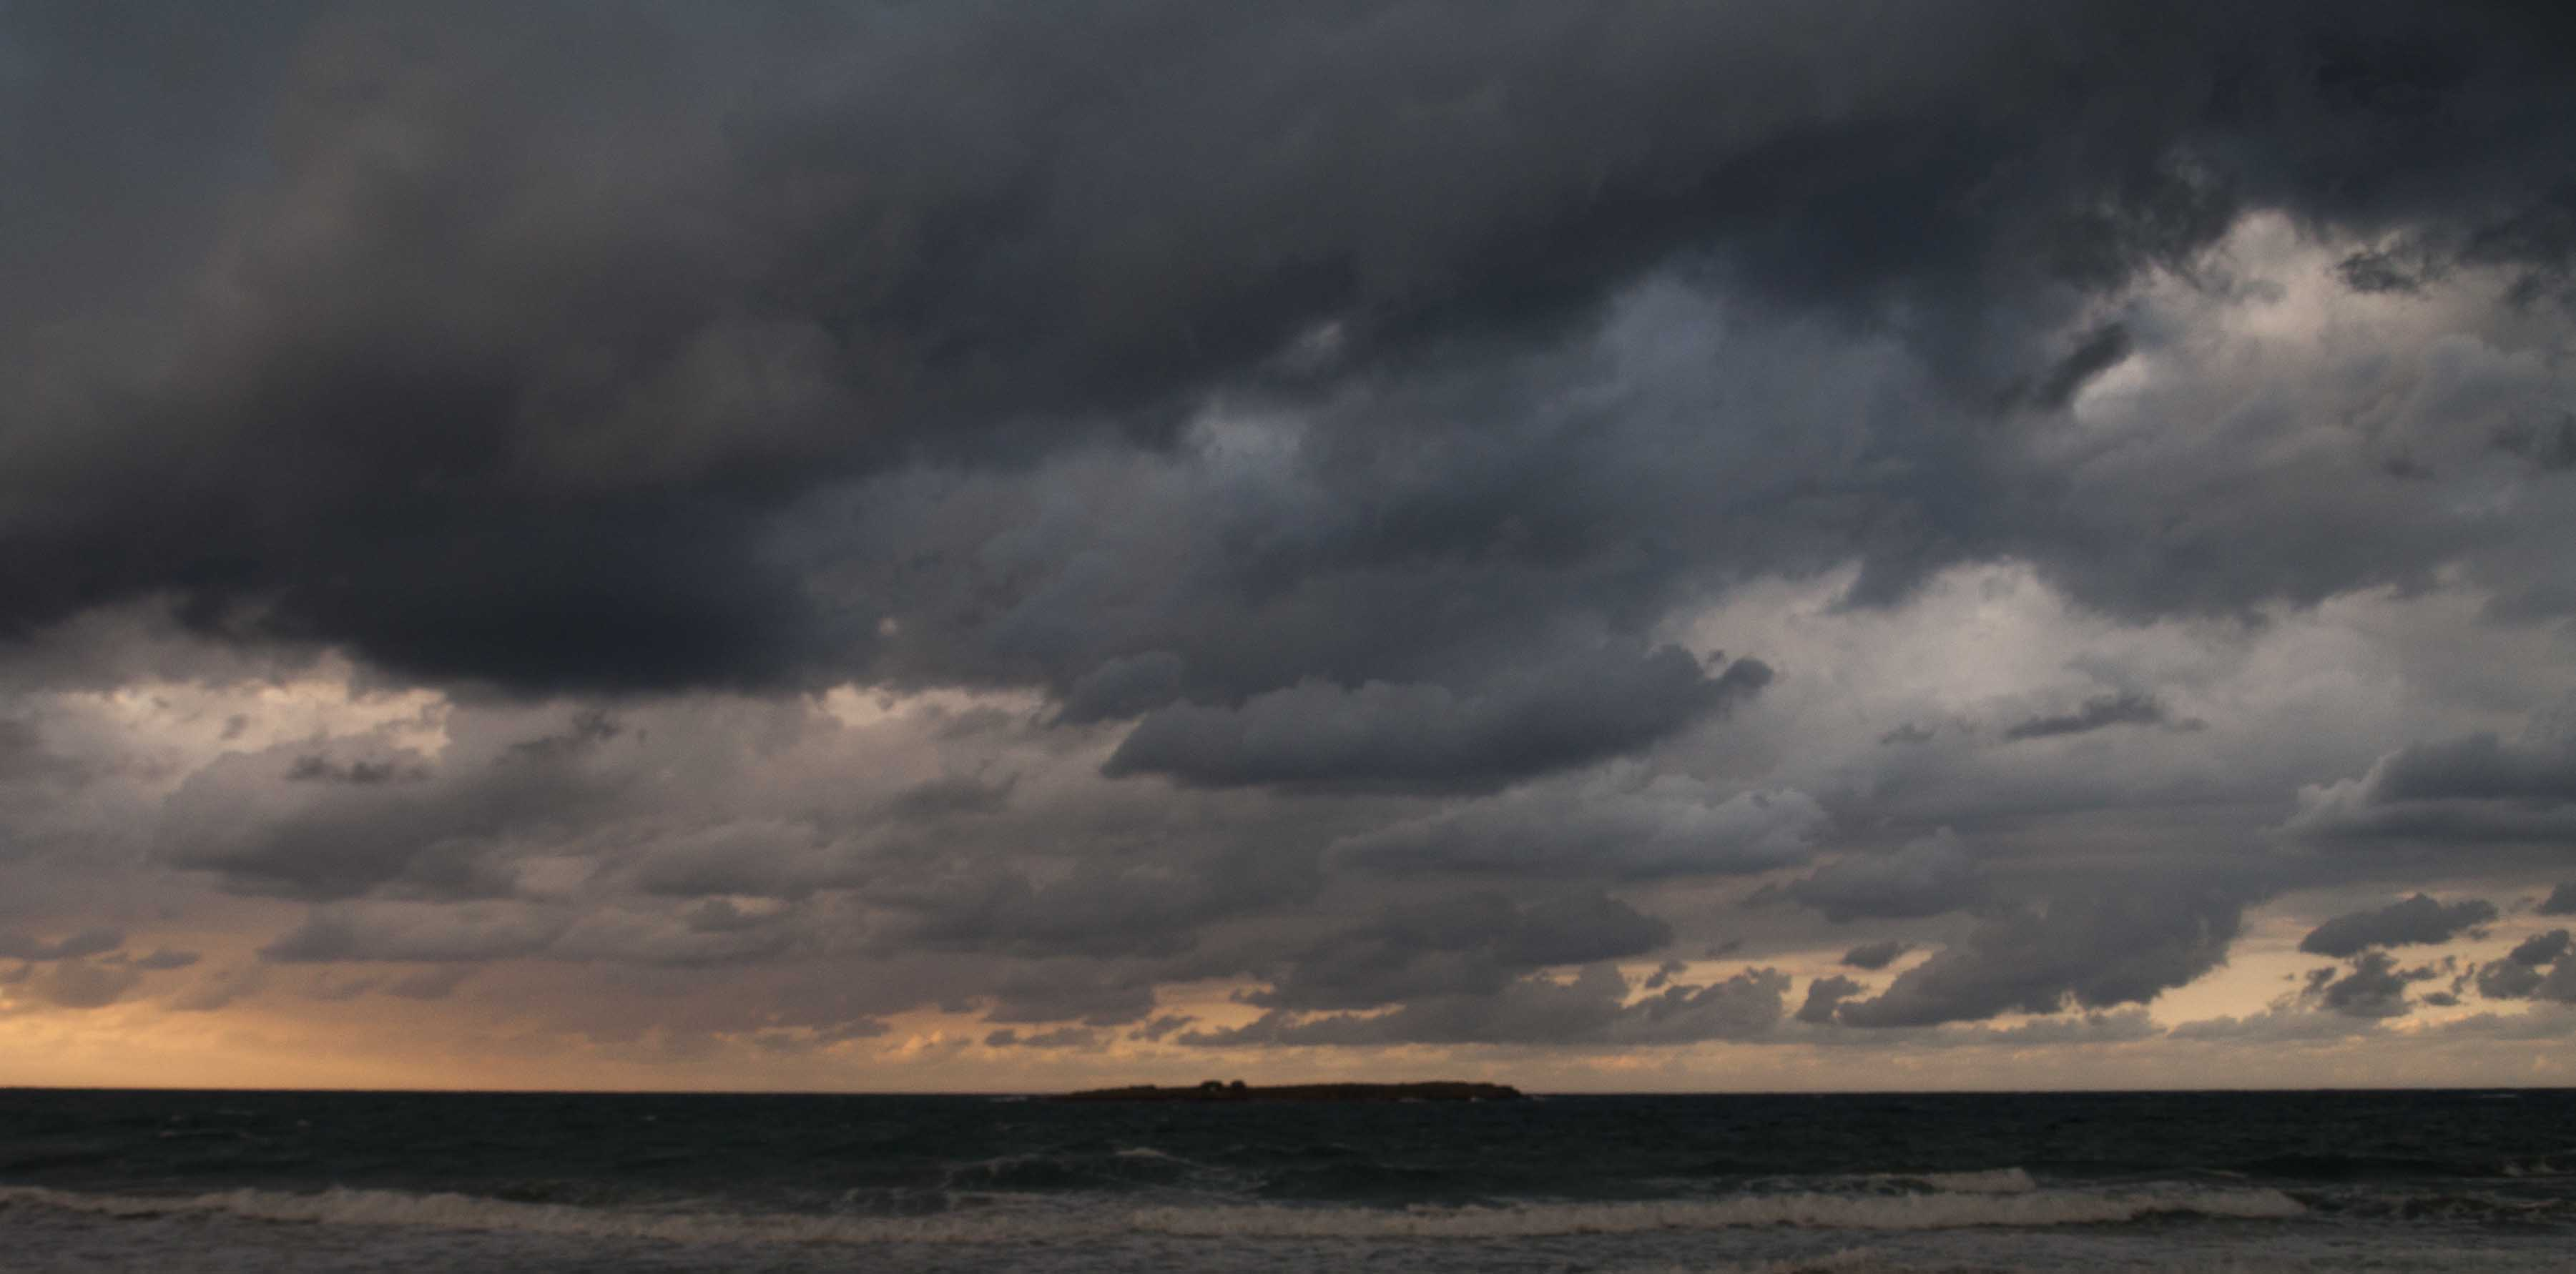 Πρόγνωση Καιρού Ελλάδος - Αττικής 24-25/01/2017 Συνεχίζονται οι βροχές στην επικράτεια